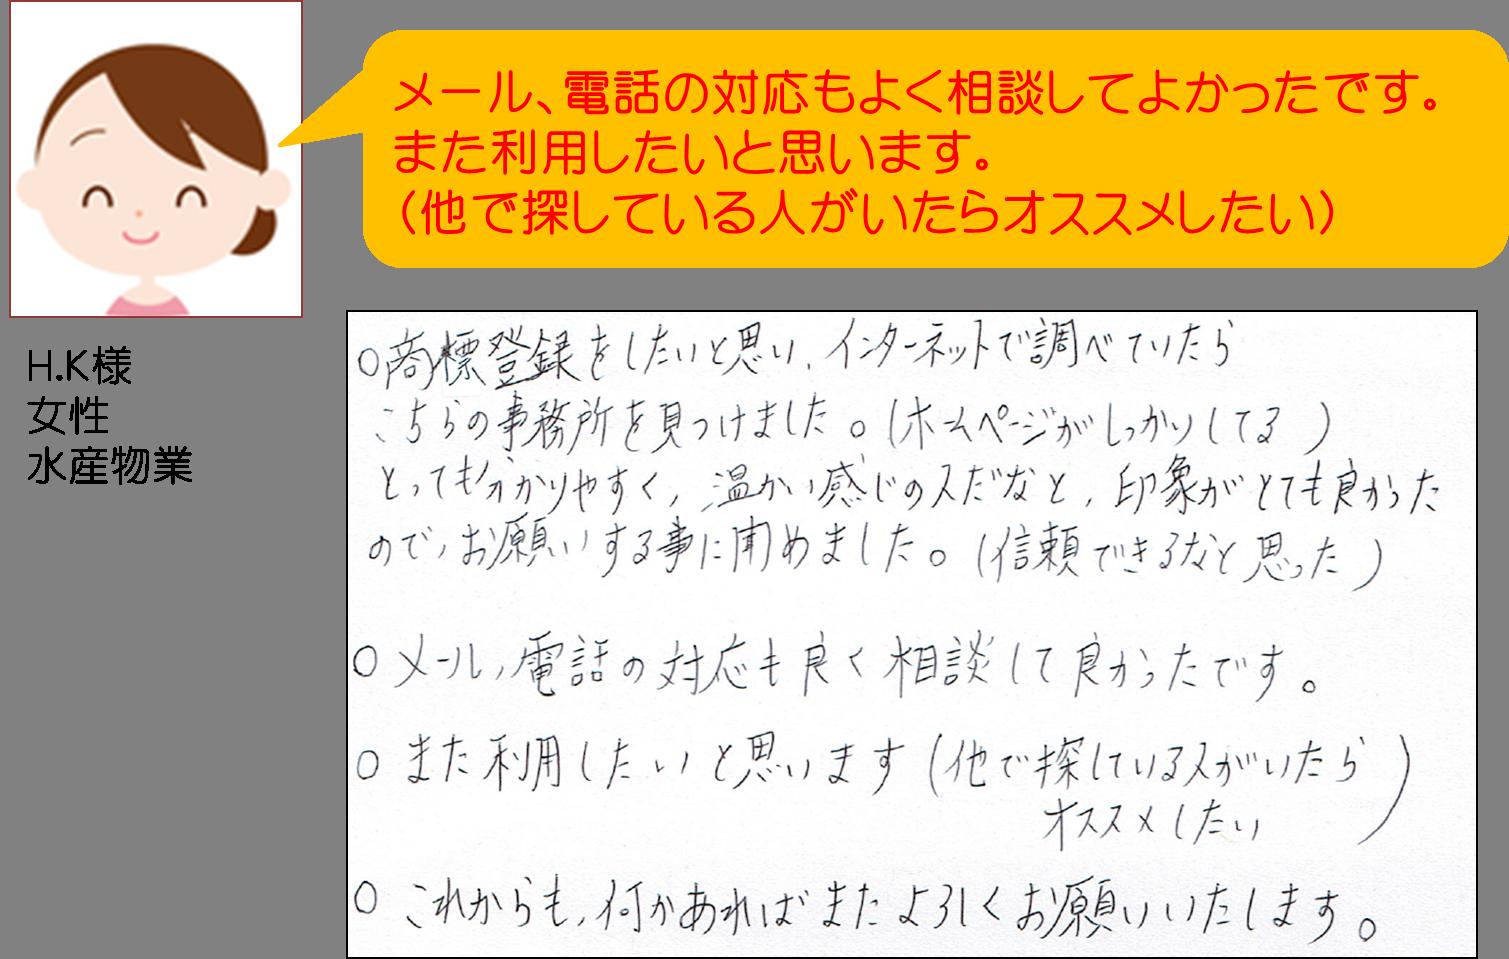 商標登録出願感想(水産物業)